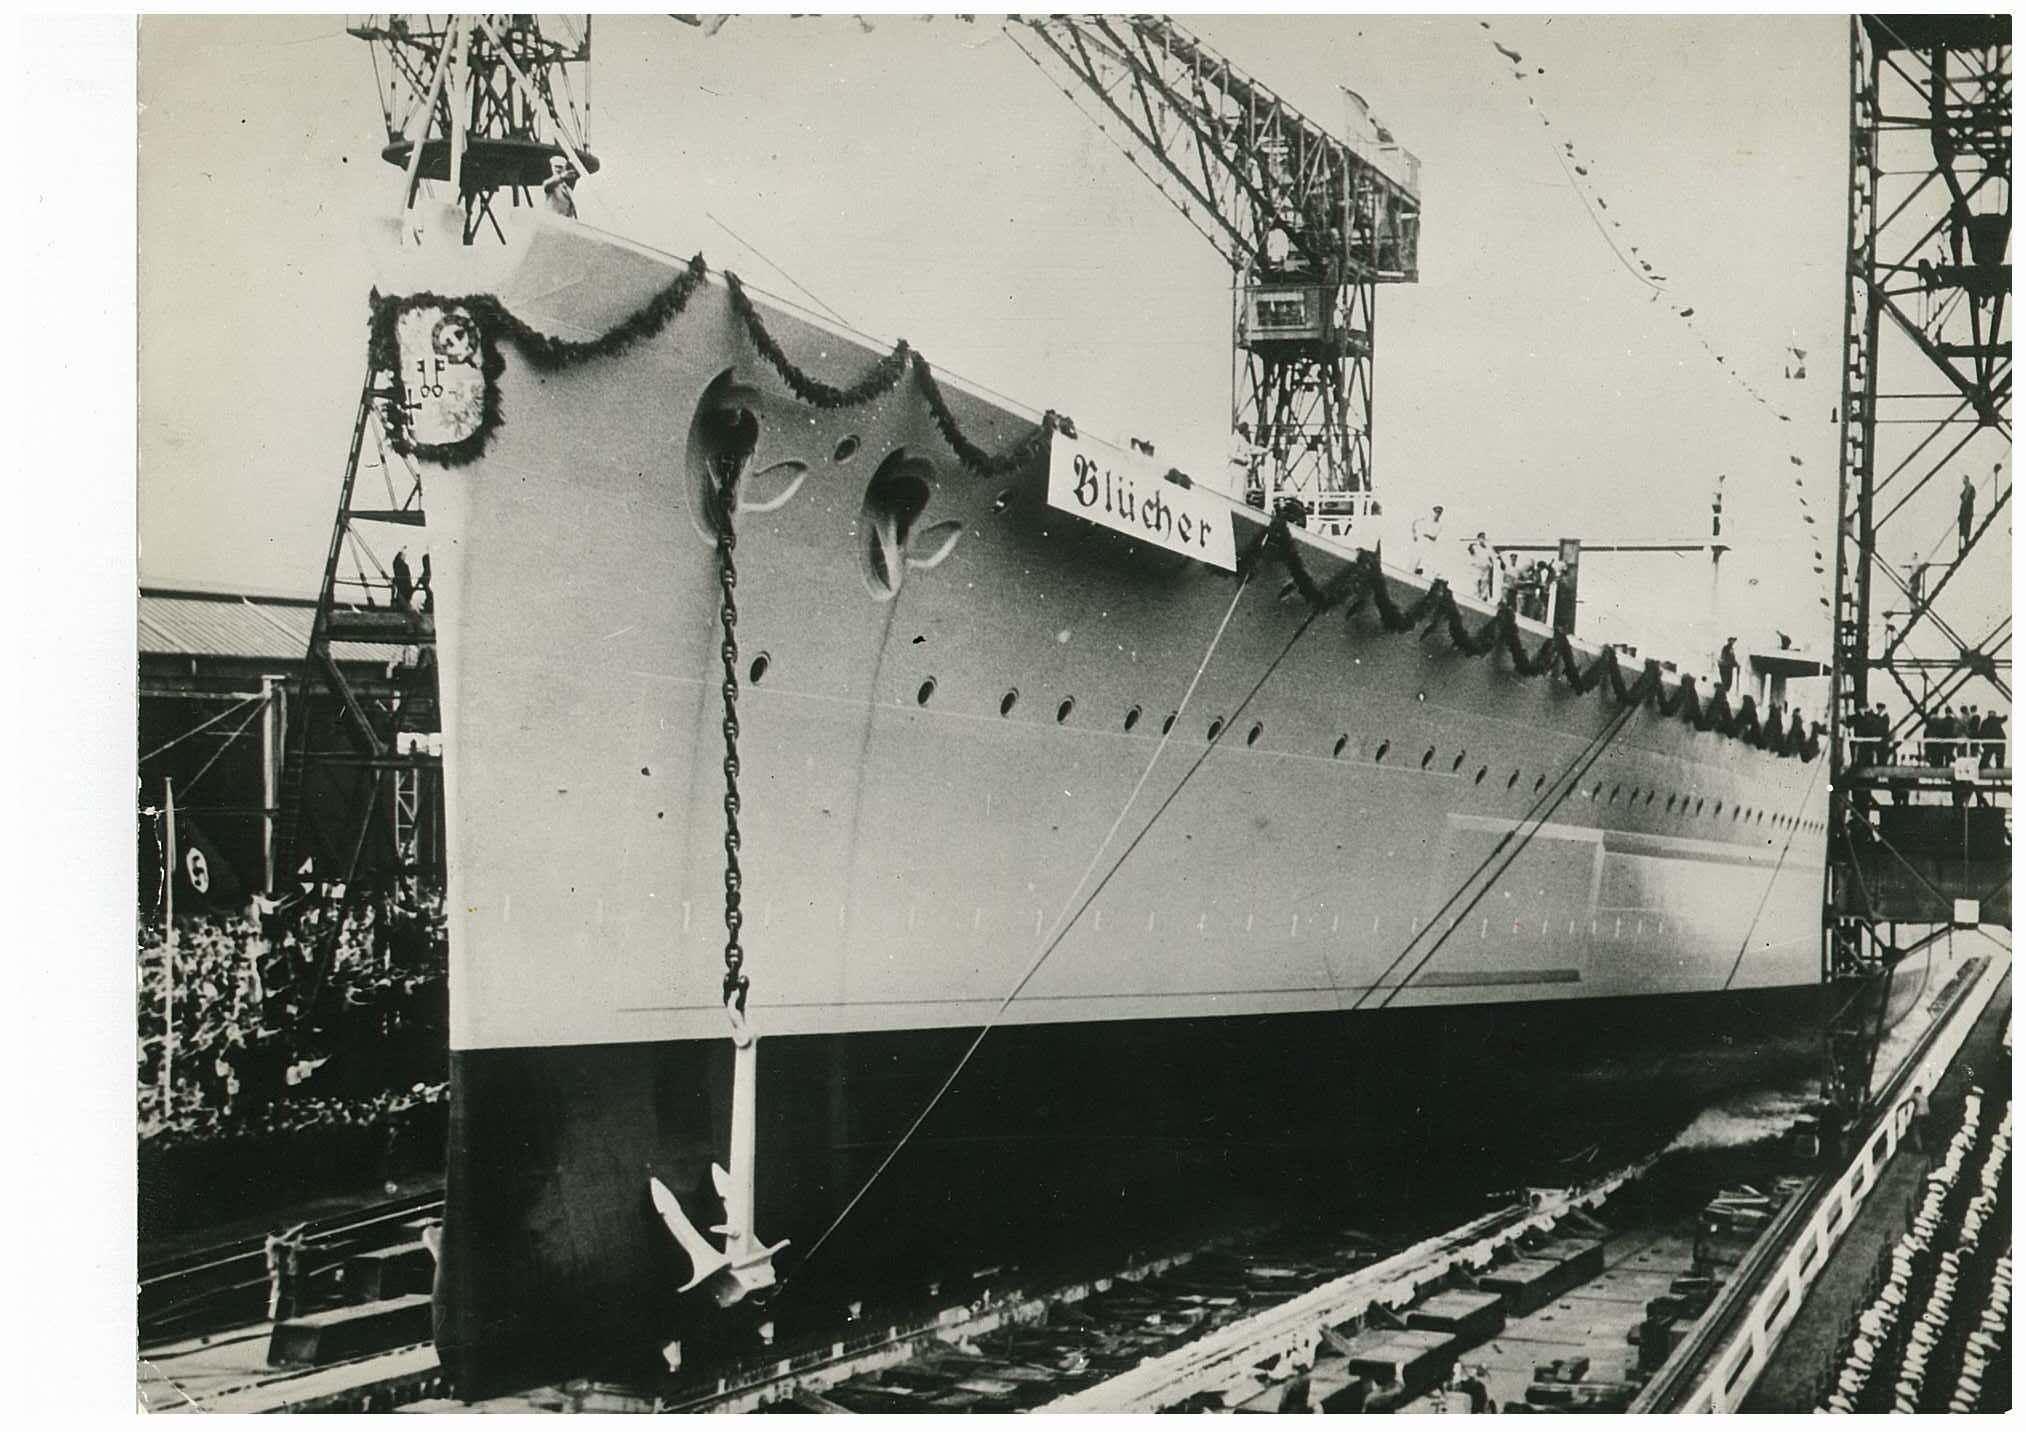 RA, NTBs krigsarkiv, U/Ud/L0073b: --, 1940, s. 1